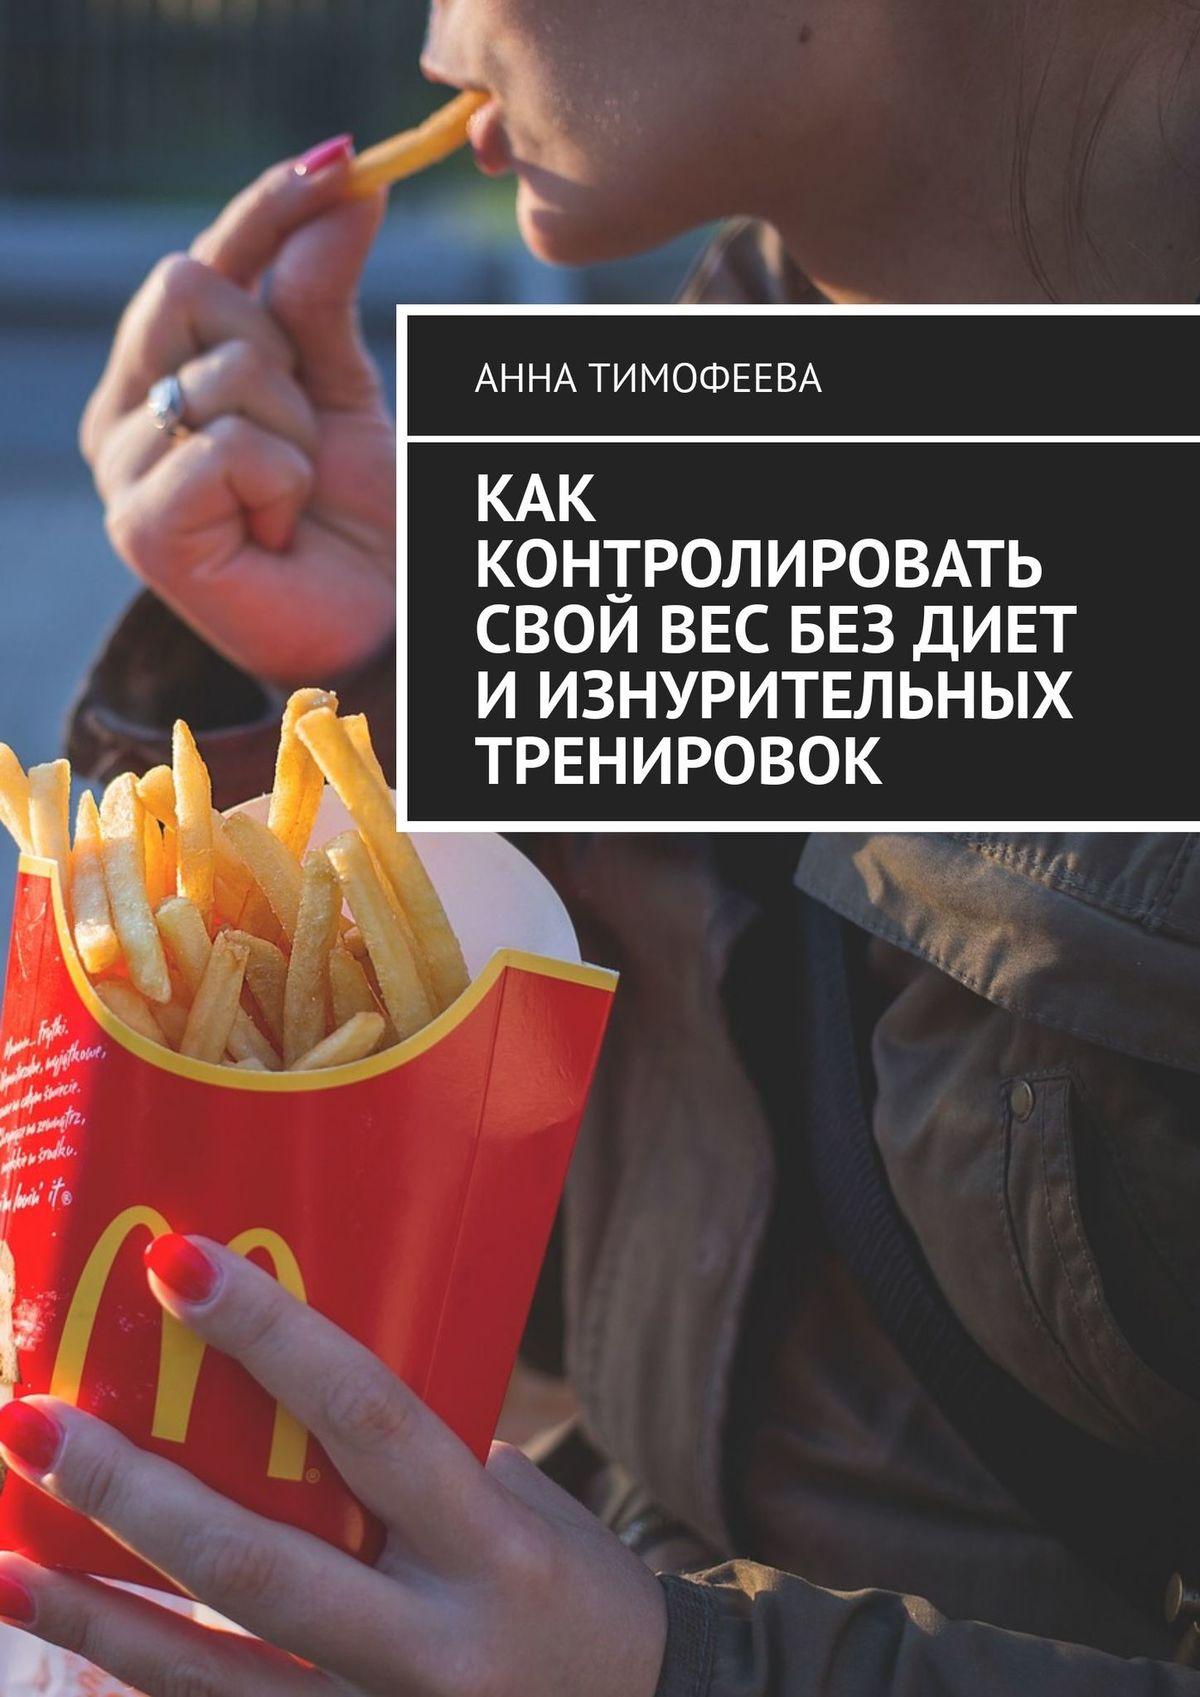 Татьяна Михеева Как контролировать свой вес без диет и изнурительных тренировок